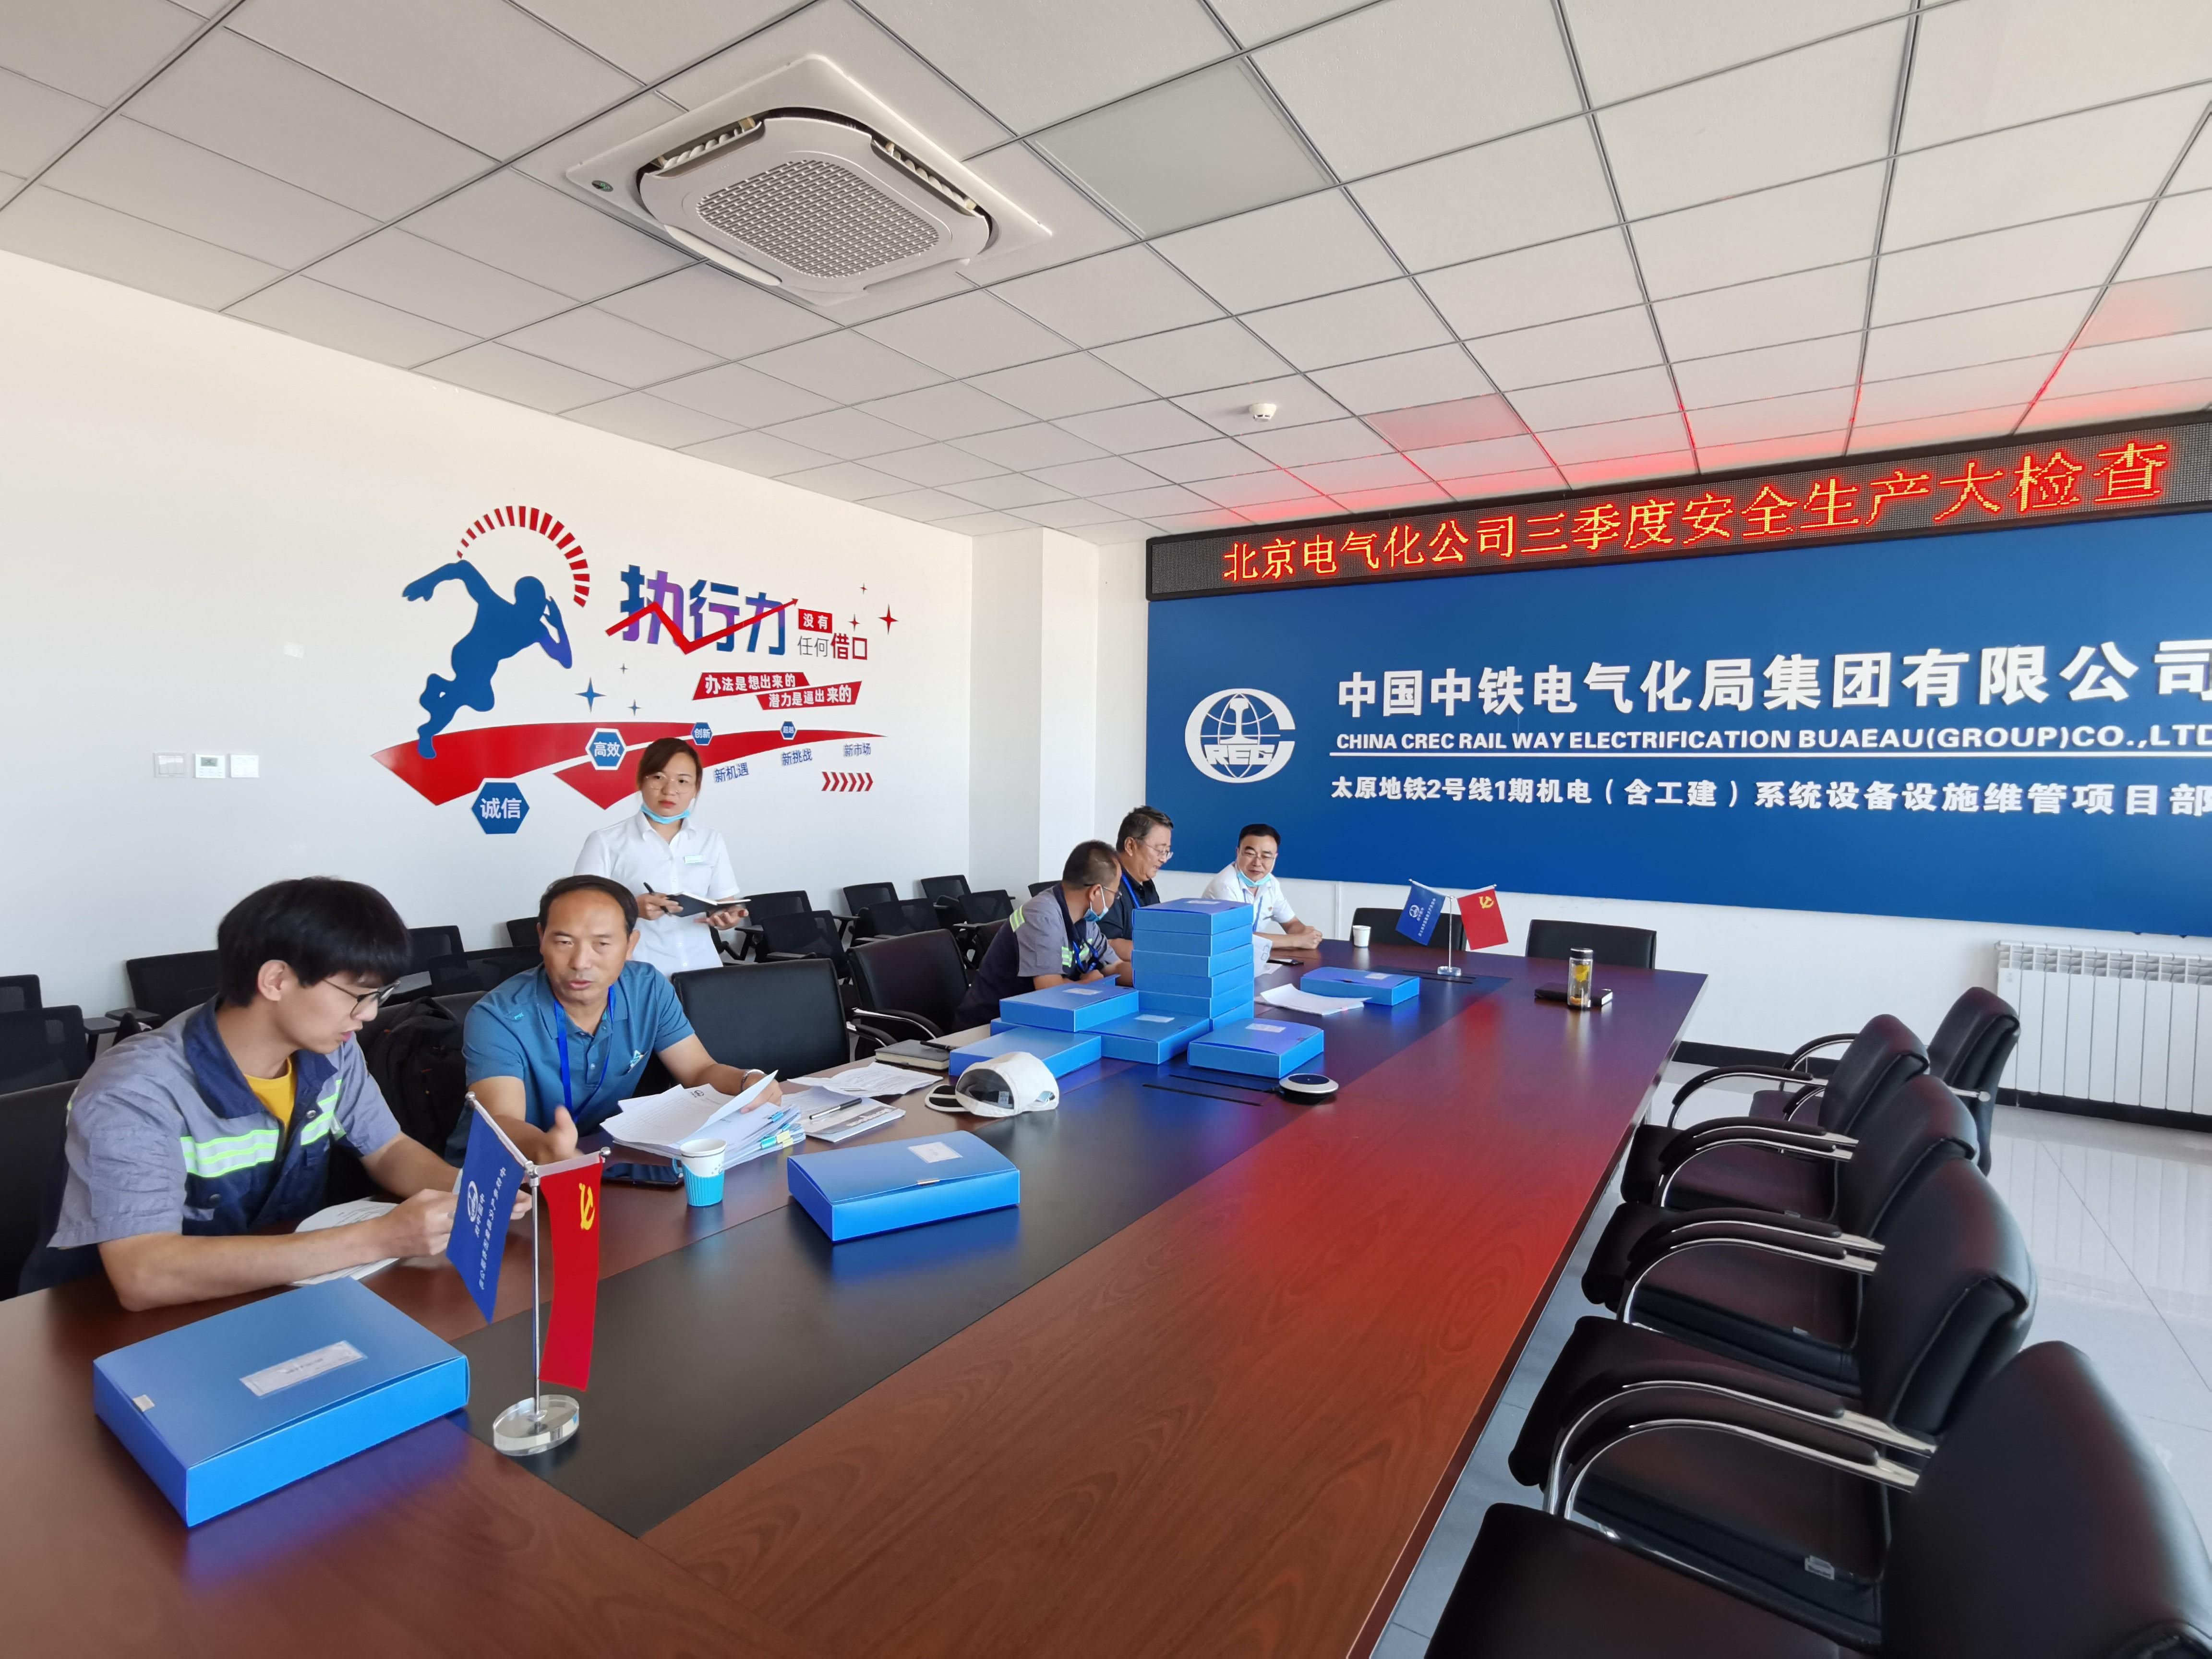 中铁电气化局北京电化公司对太原地铁2号维管项目进行安全大检查